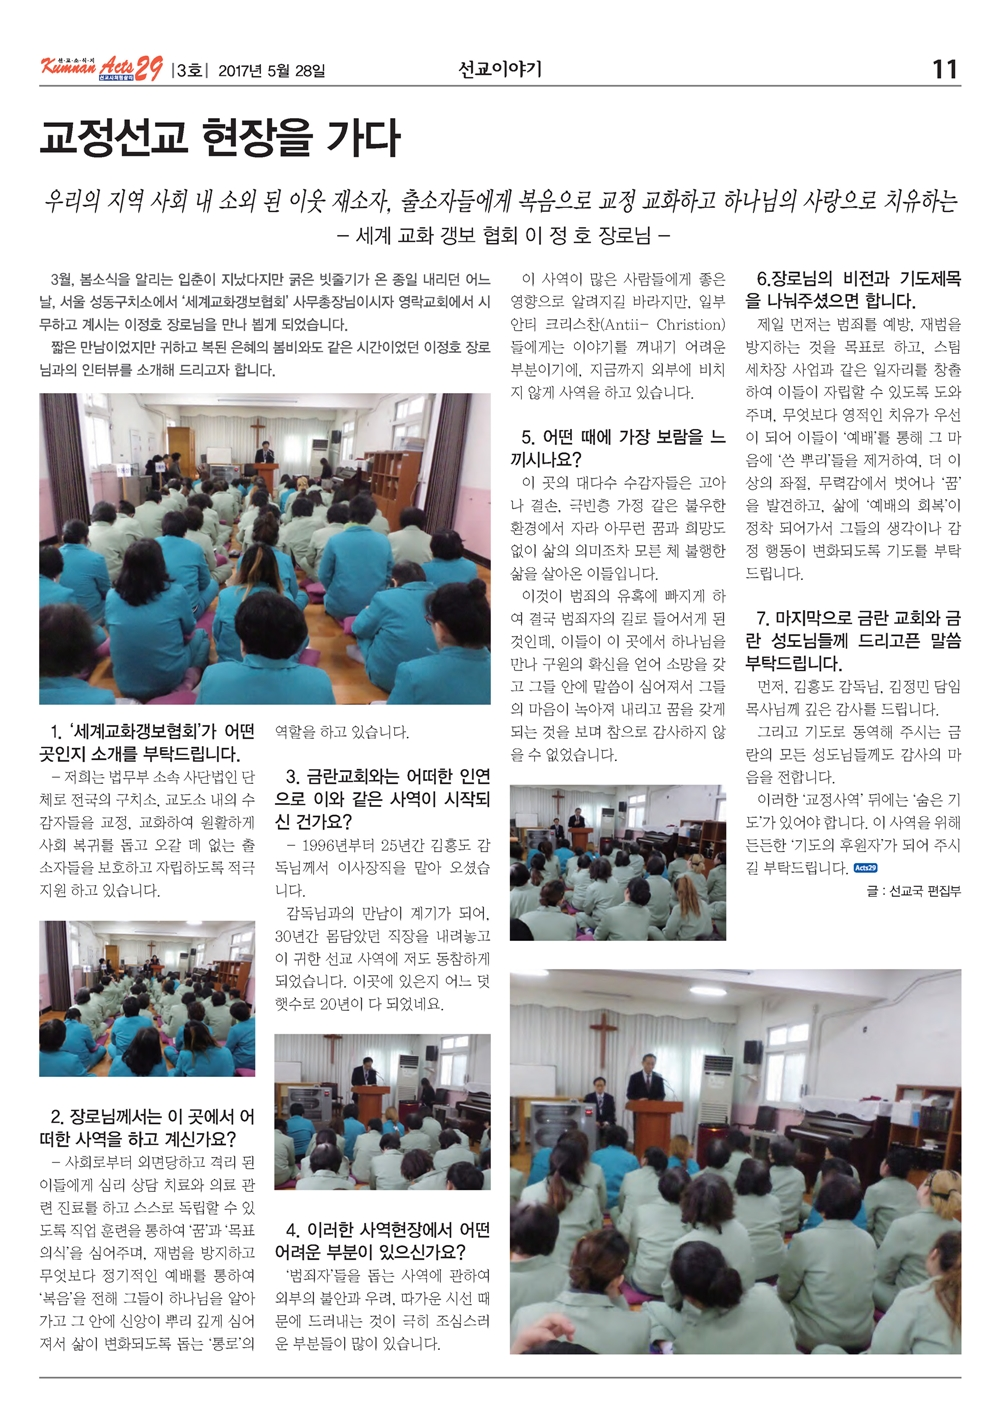 금란선교소식지 3월호_Page_11.jpg